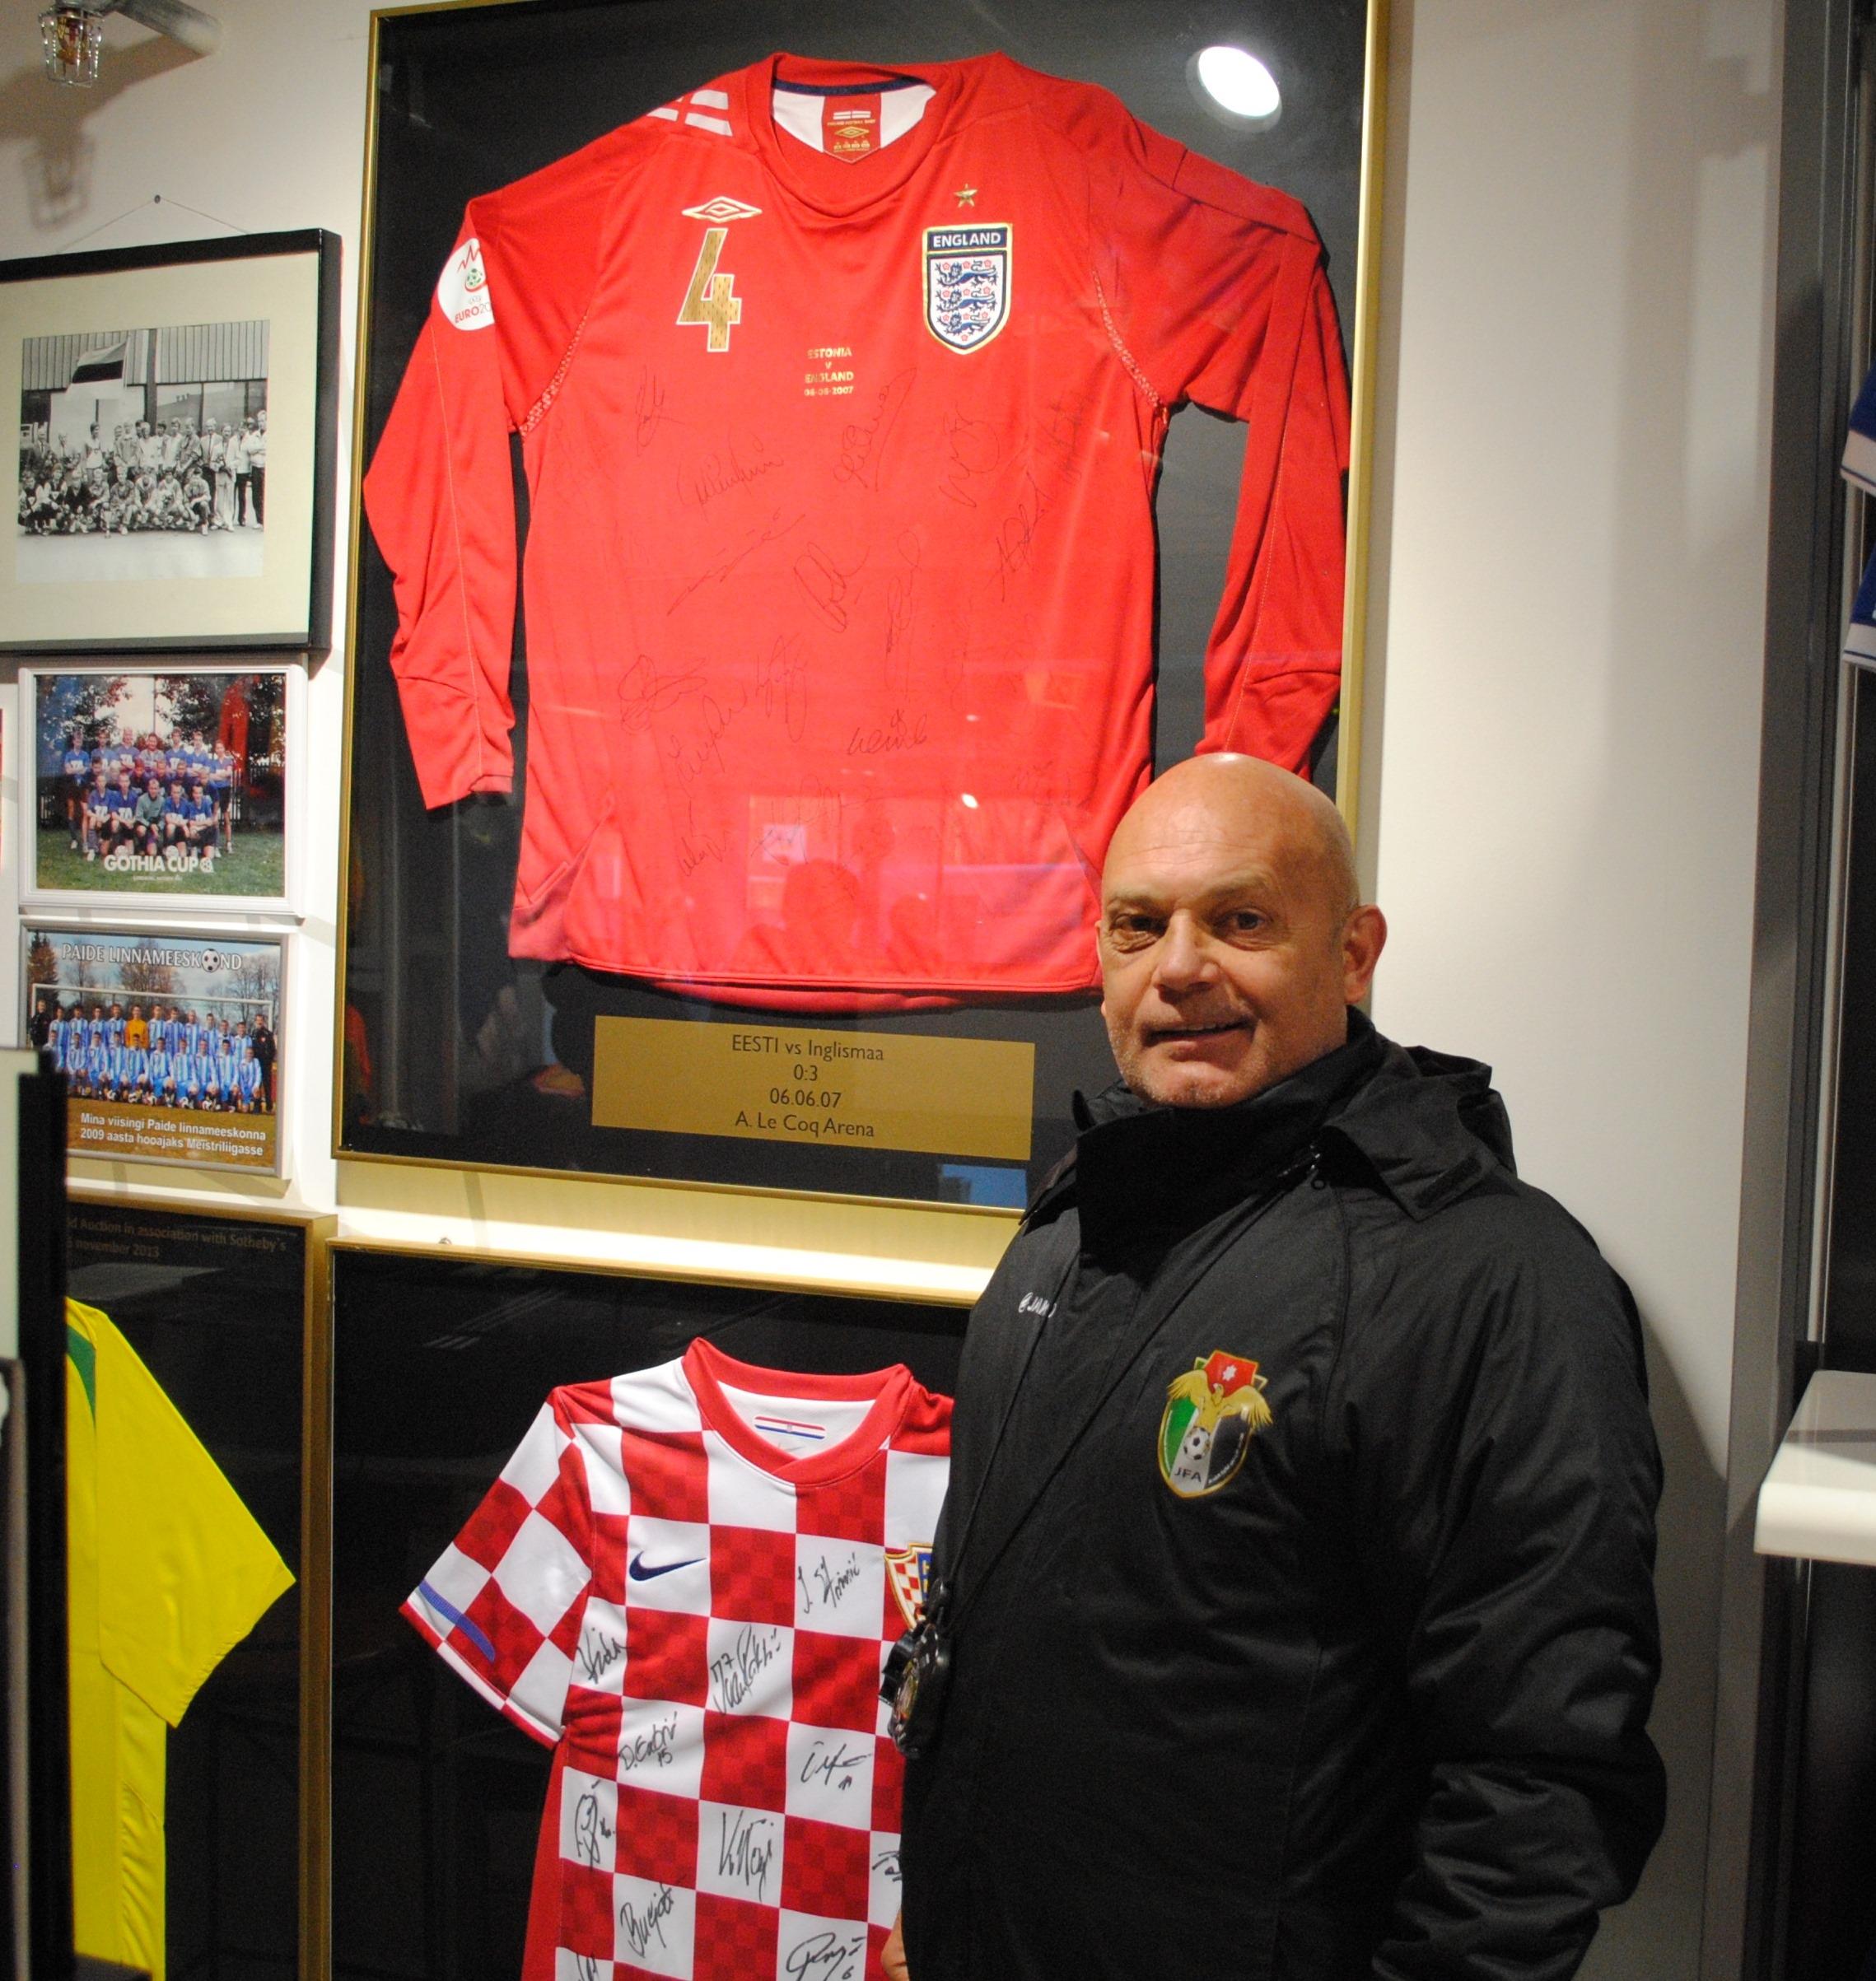 62f615f1cbd Eesti järgmist vastast juhendab tituleeritud Ray Wilkins. News. Jordaania koondise  peatreener, endine ...